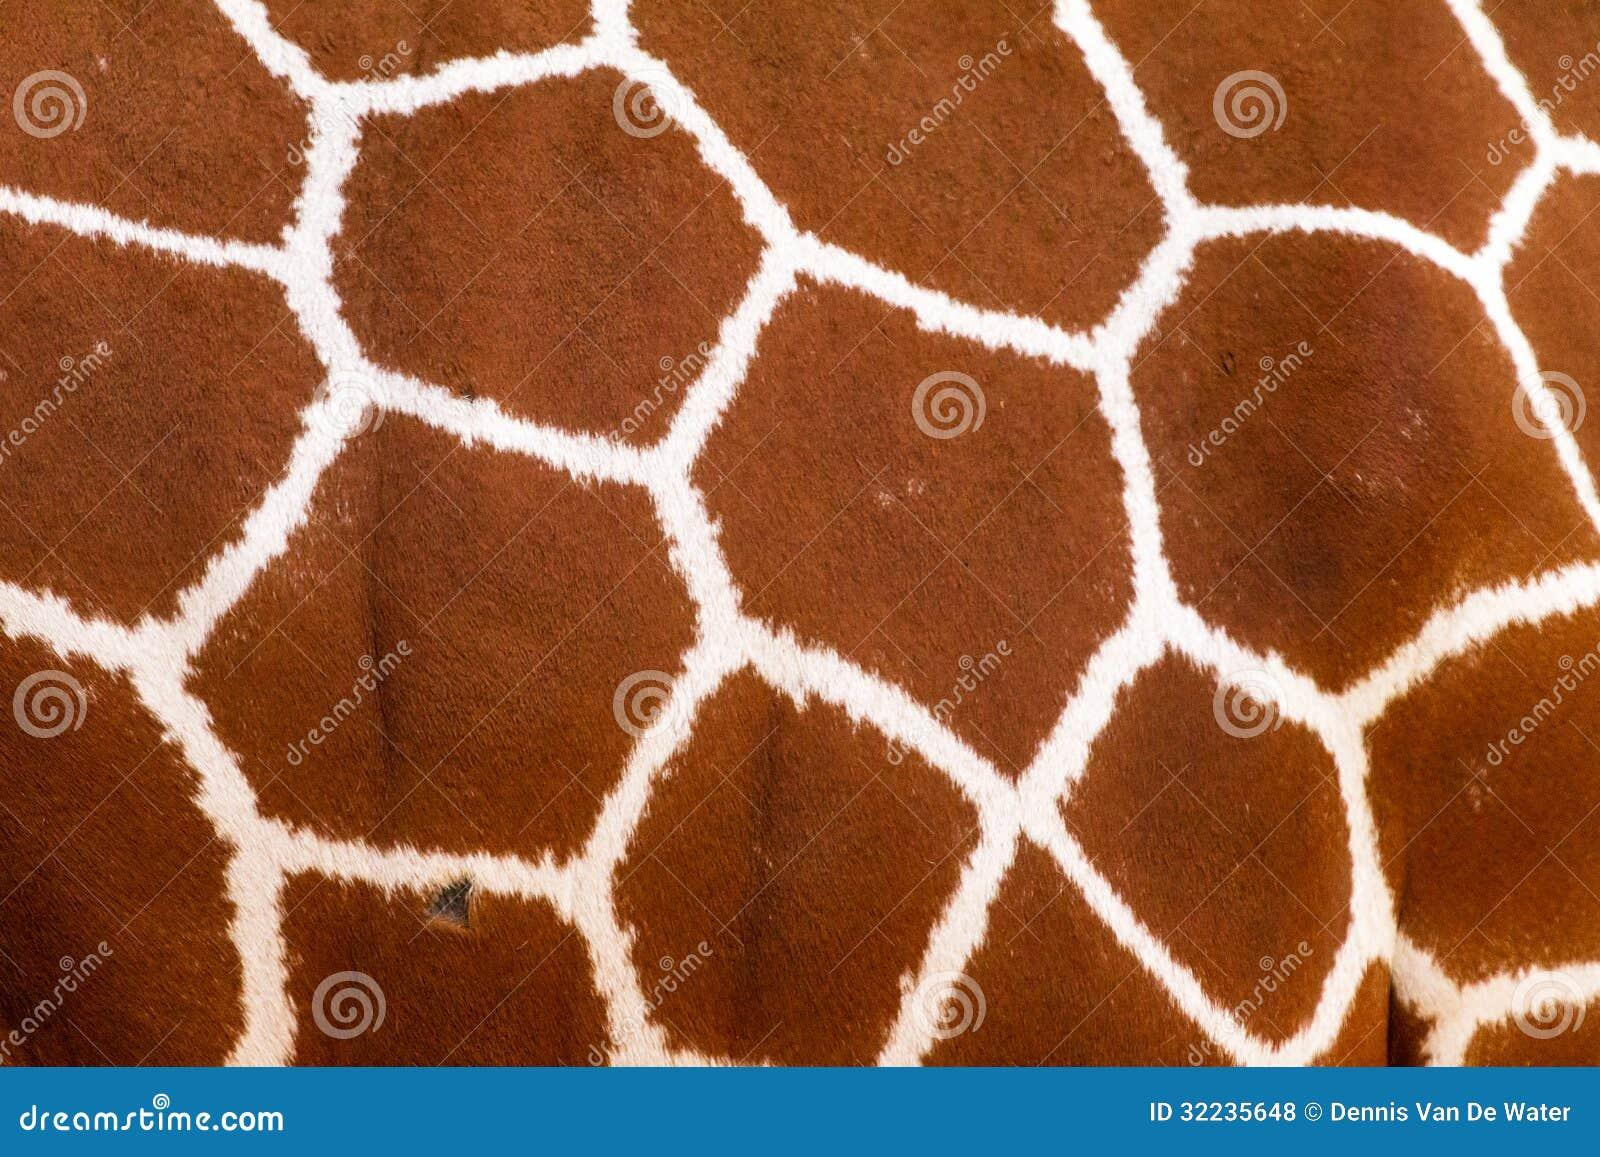 giraffe pattern stock photo  image of wildlife  nature